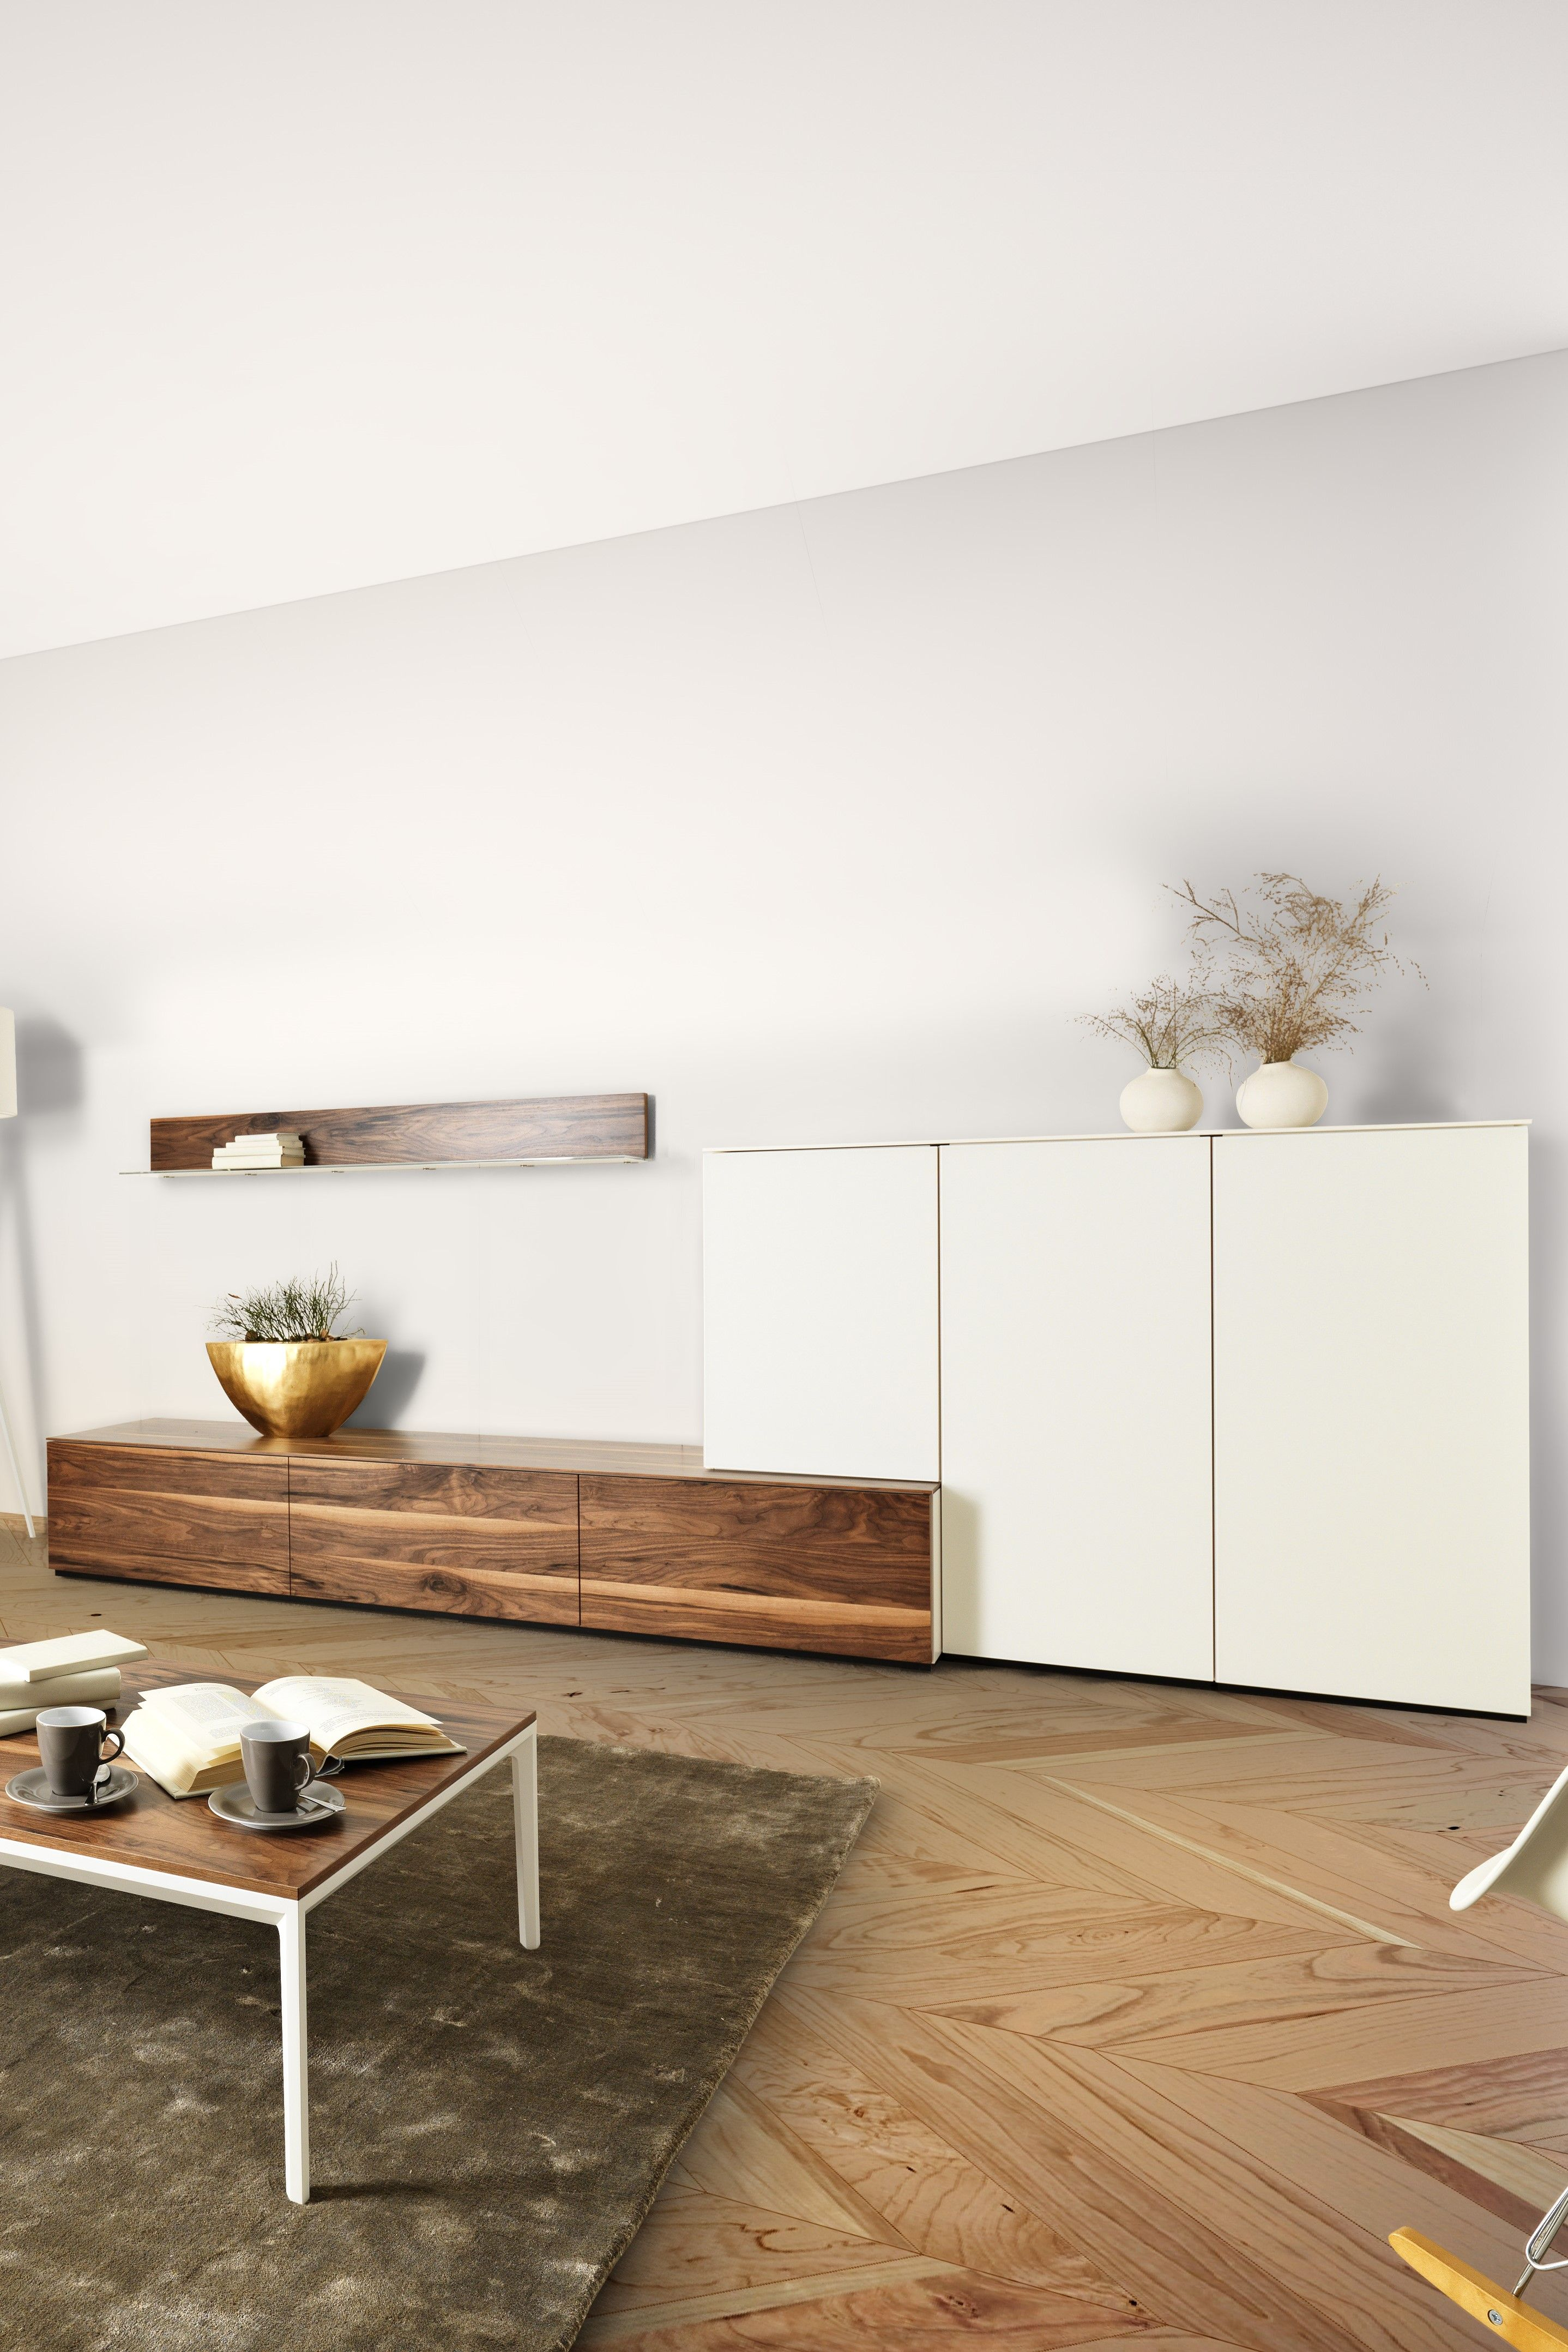 Timber Wohnkombination Mobel Schweiz Wohnen Furniture